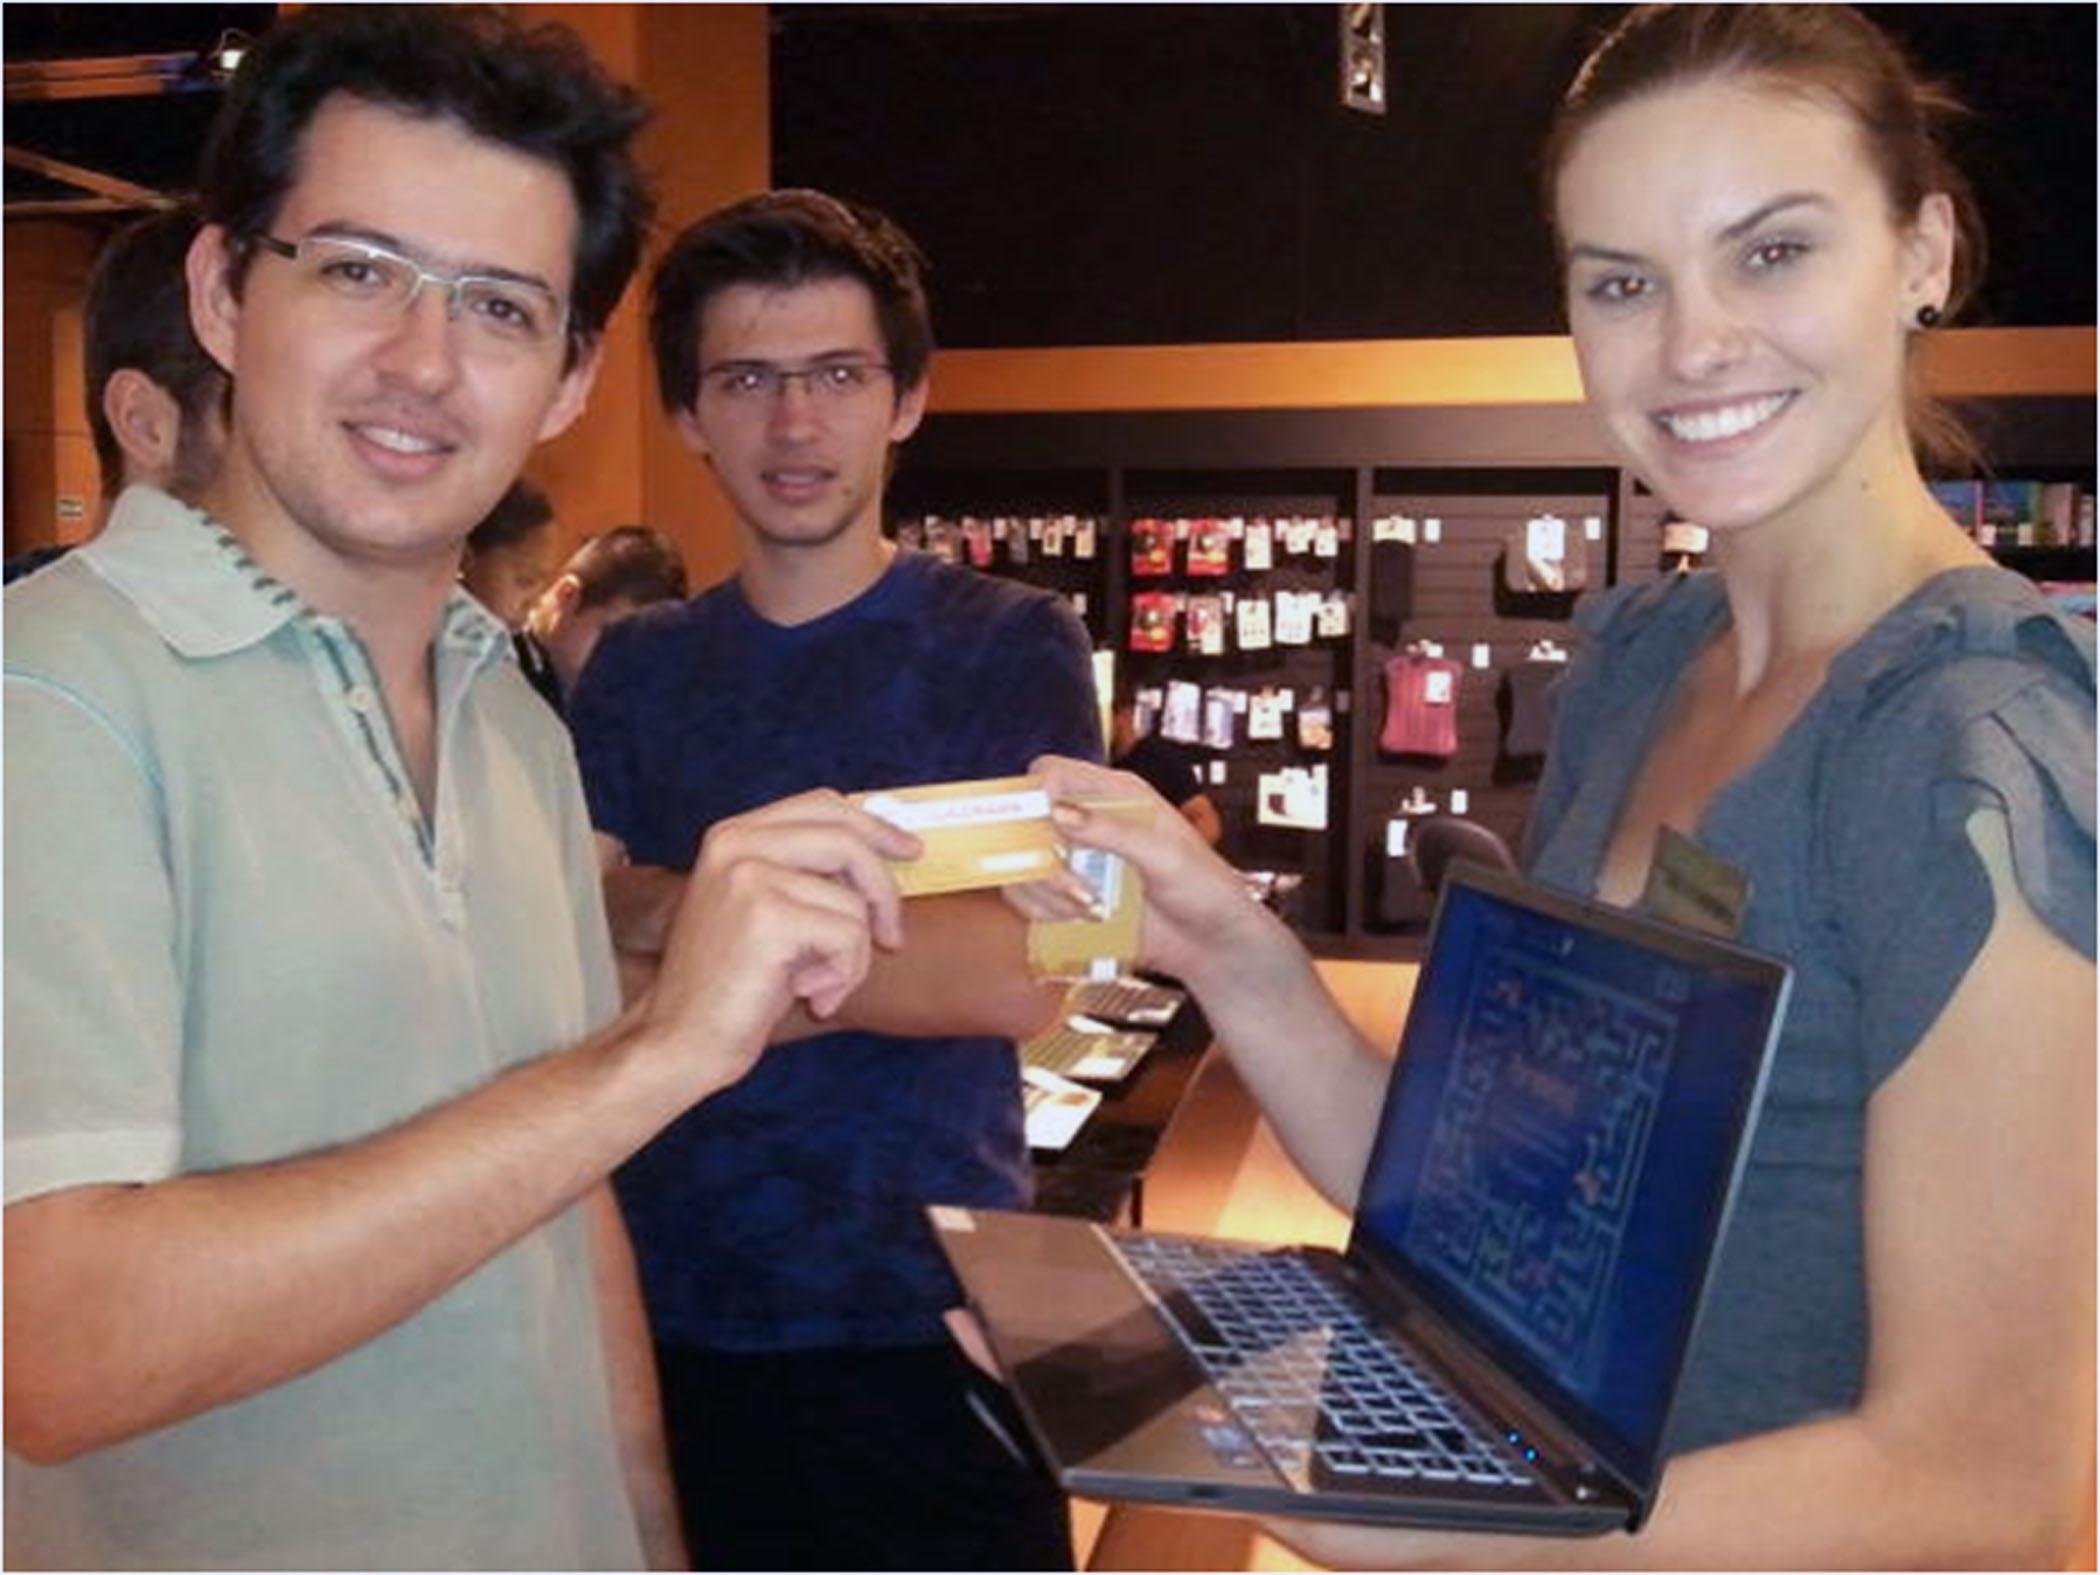 노트북을 들고 있는 여성과 남성